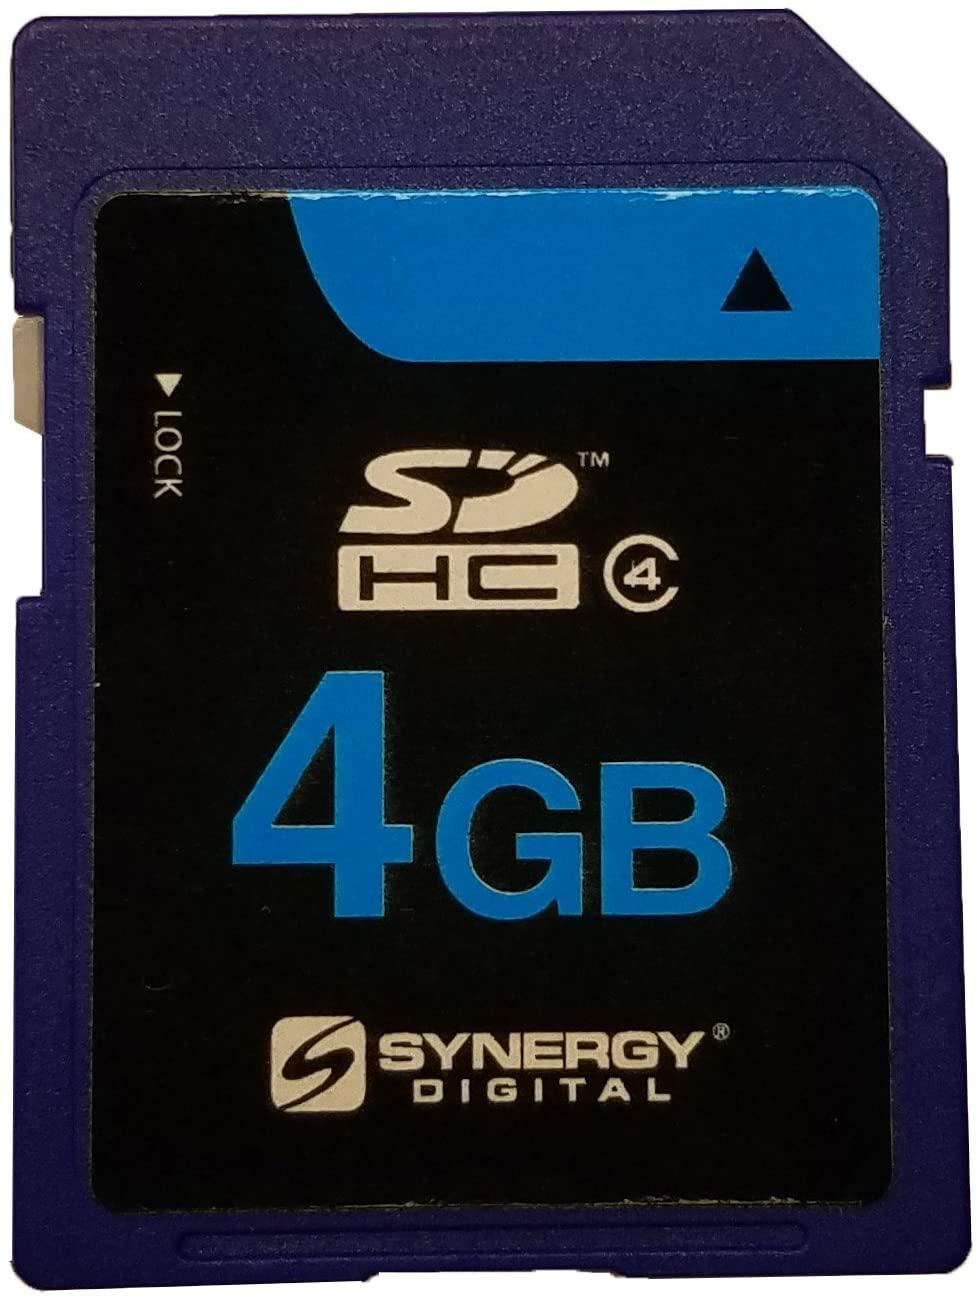 Sanyo VPC CA9 Camcorder Memory Card 4GB Secure Digital High Capacity (SDHC) Memory Card